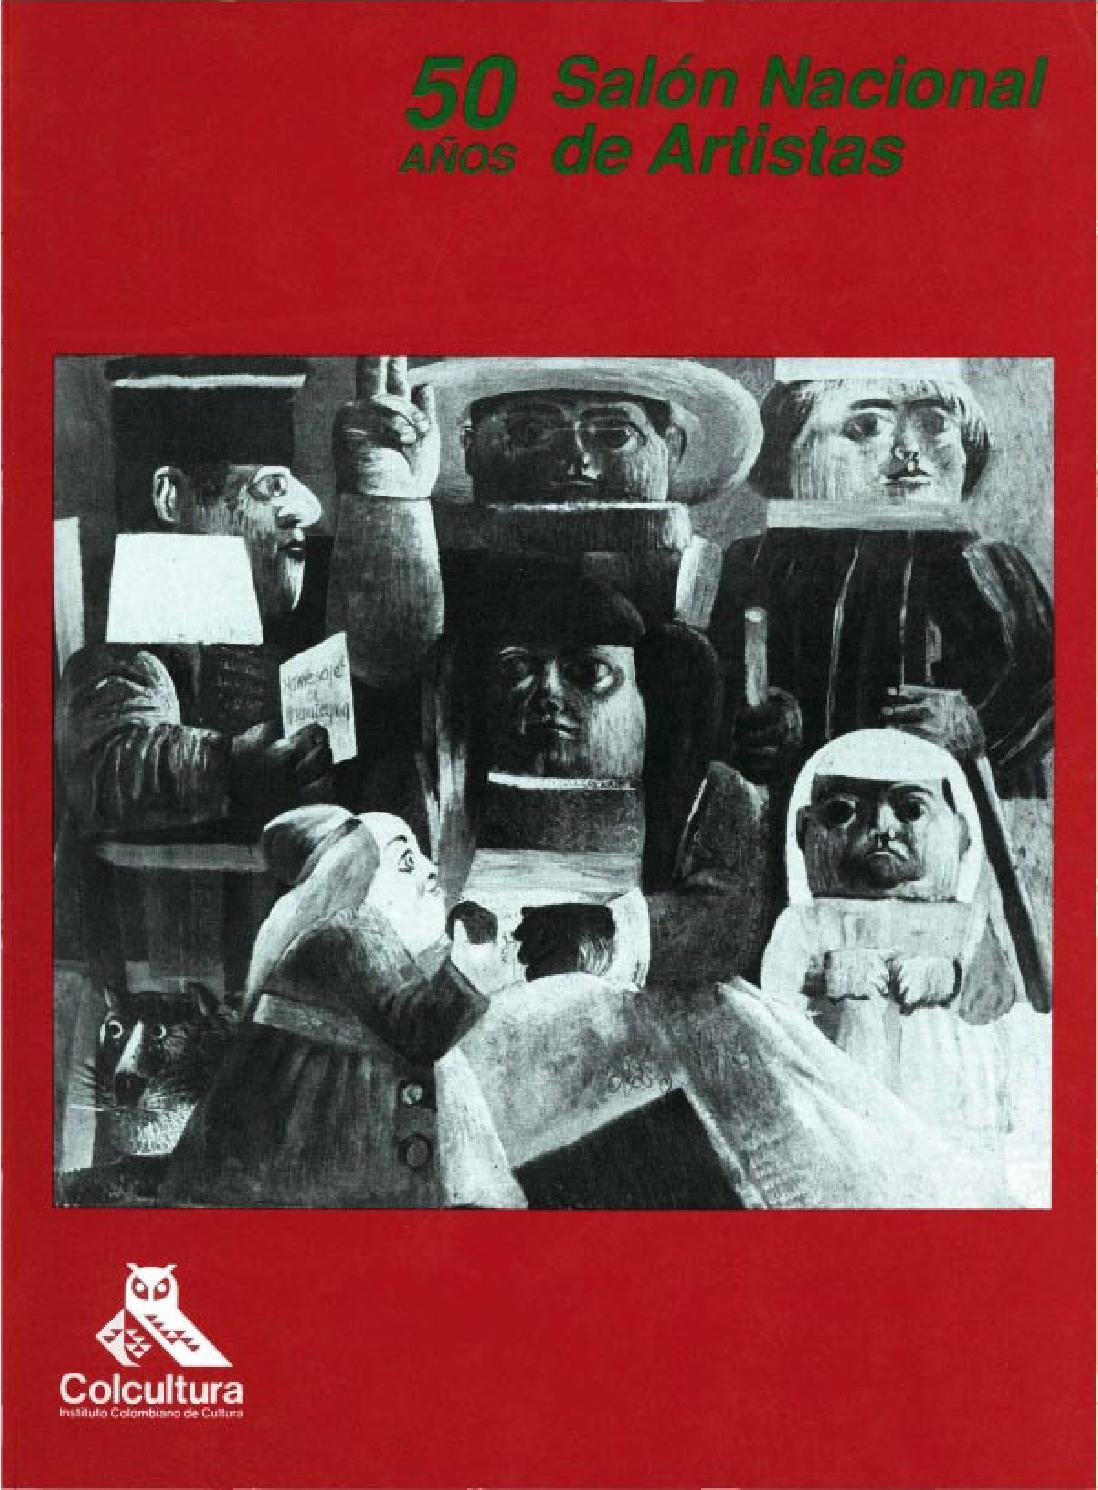 50 años del Salón Nacional de Artistas by Artes Visuales Mincultura ...